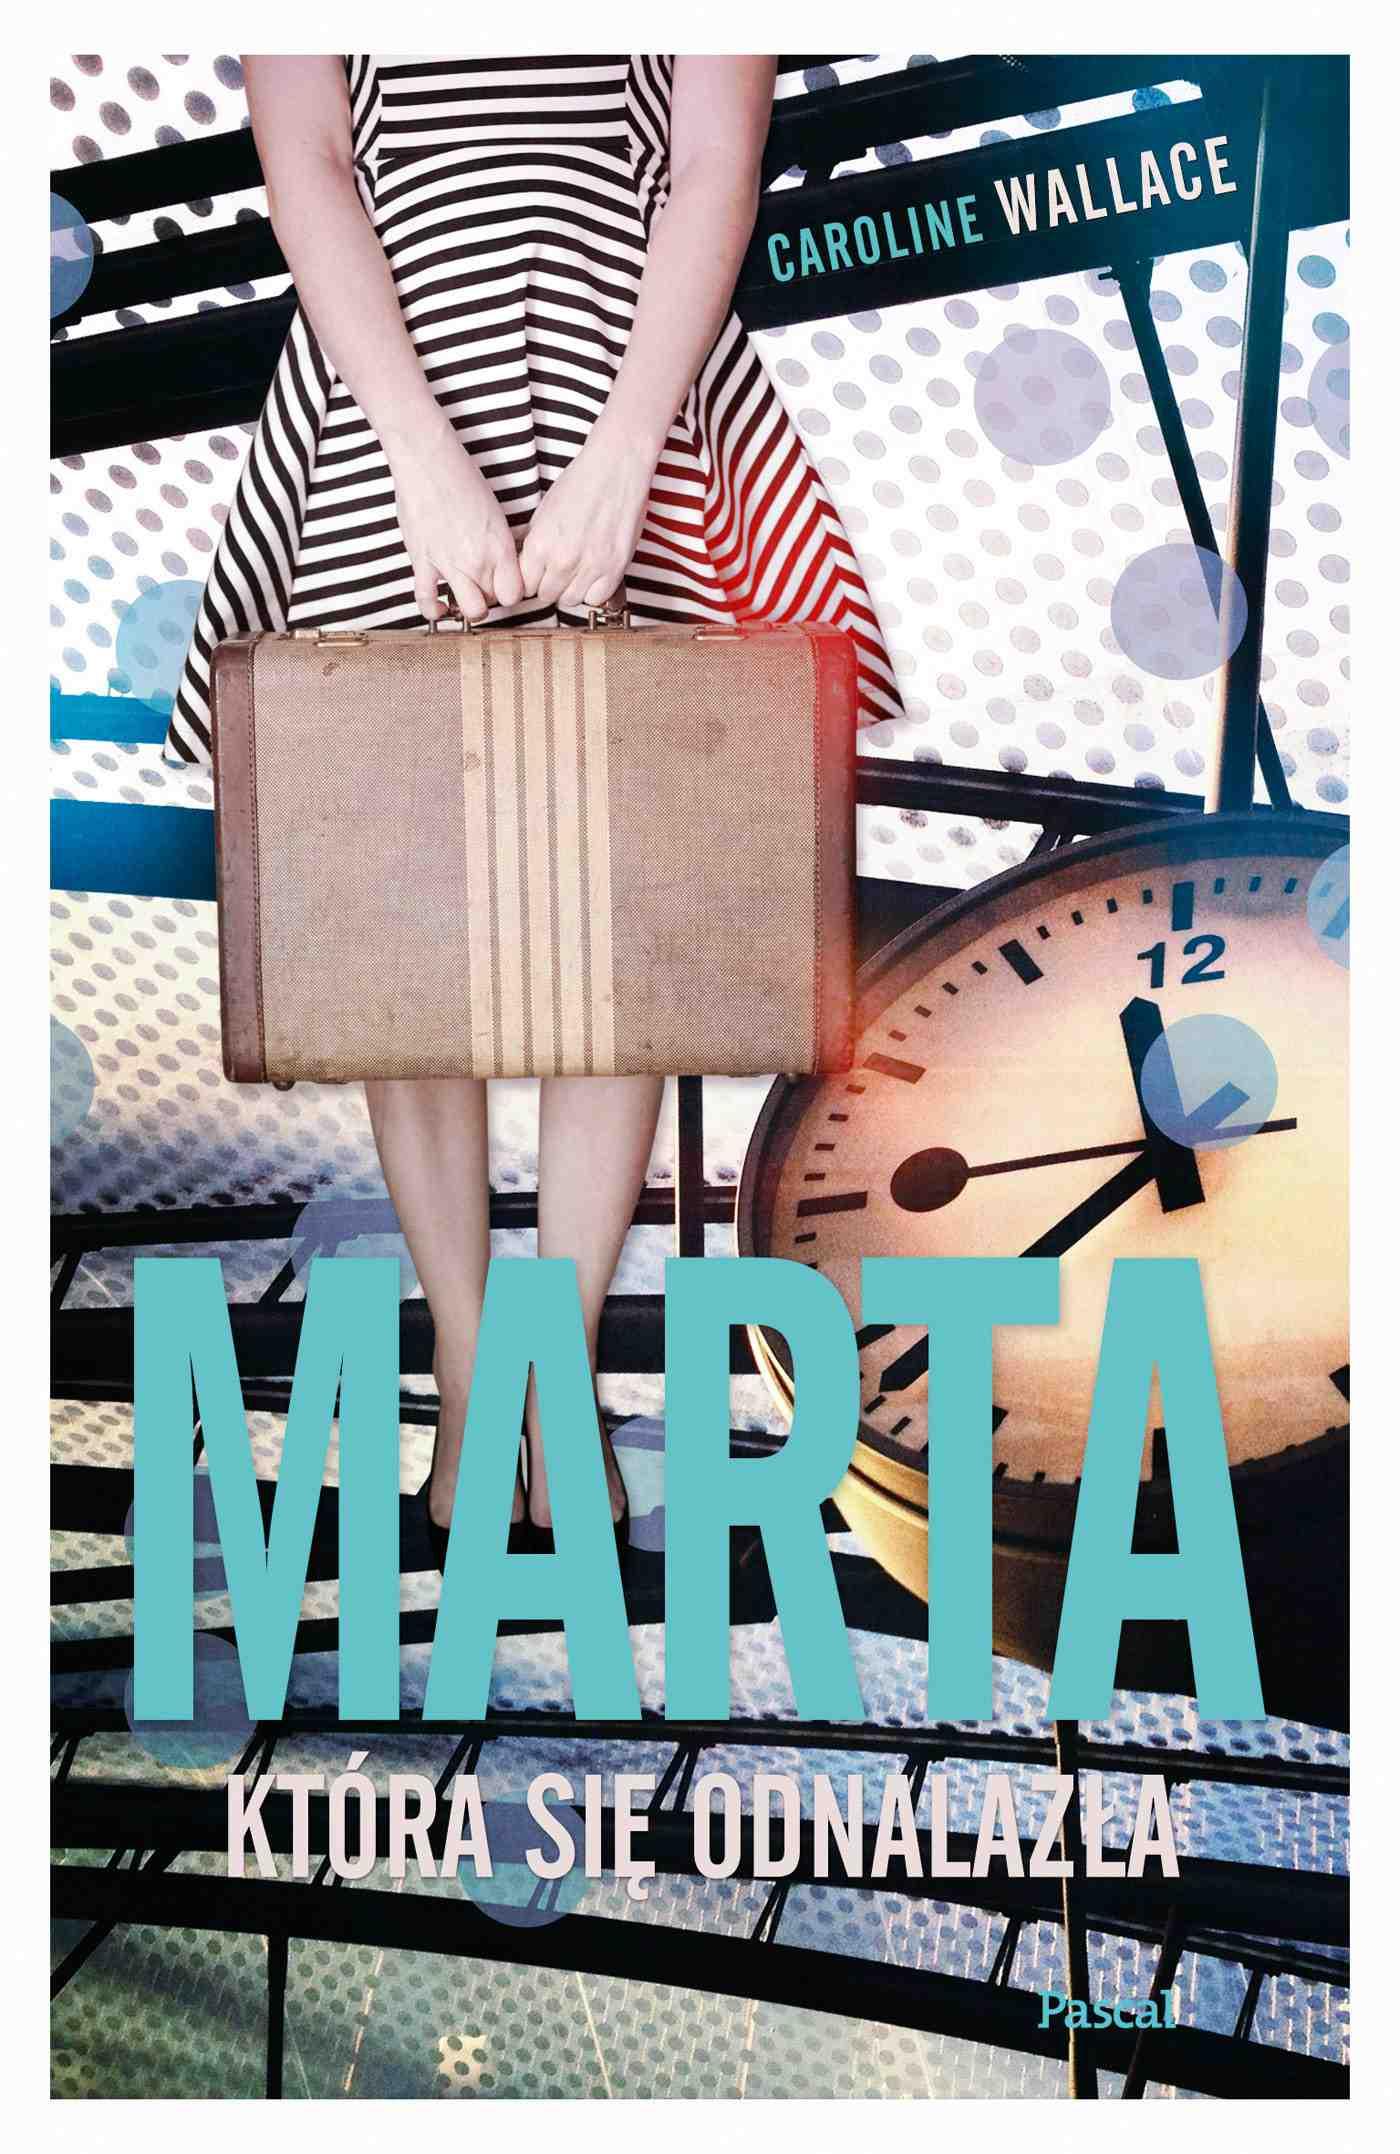 Marta, która sie odnalazła - Ebook (Książka EPUB) do pobrania w formacie EPUB